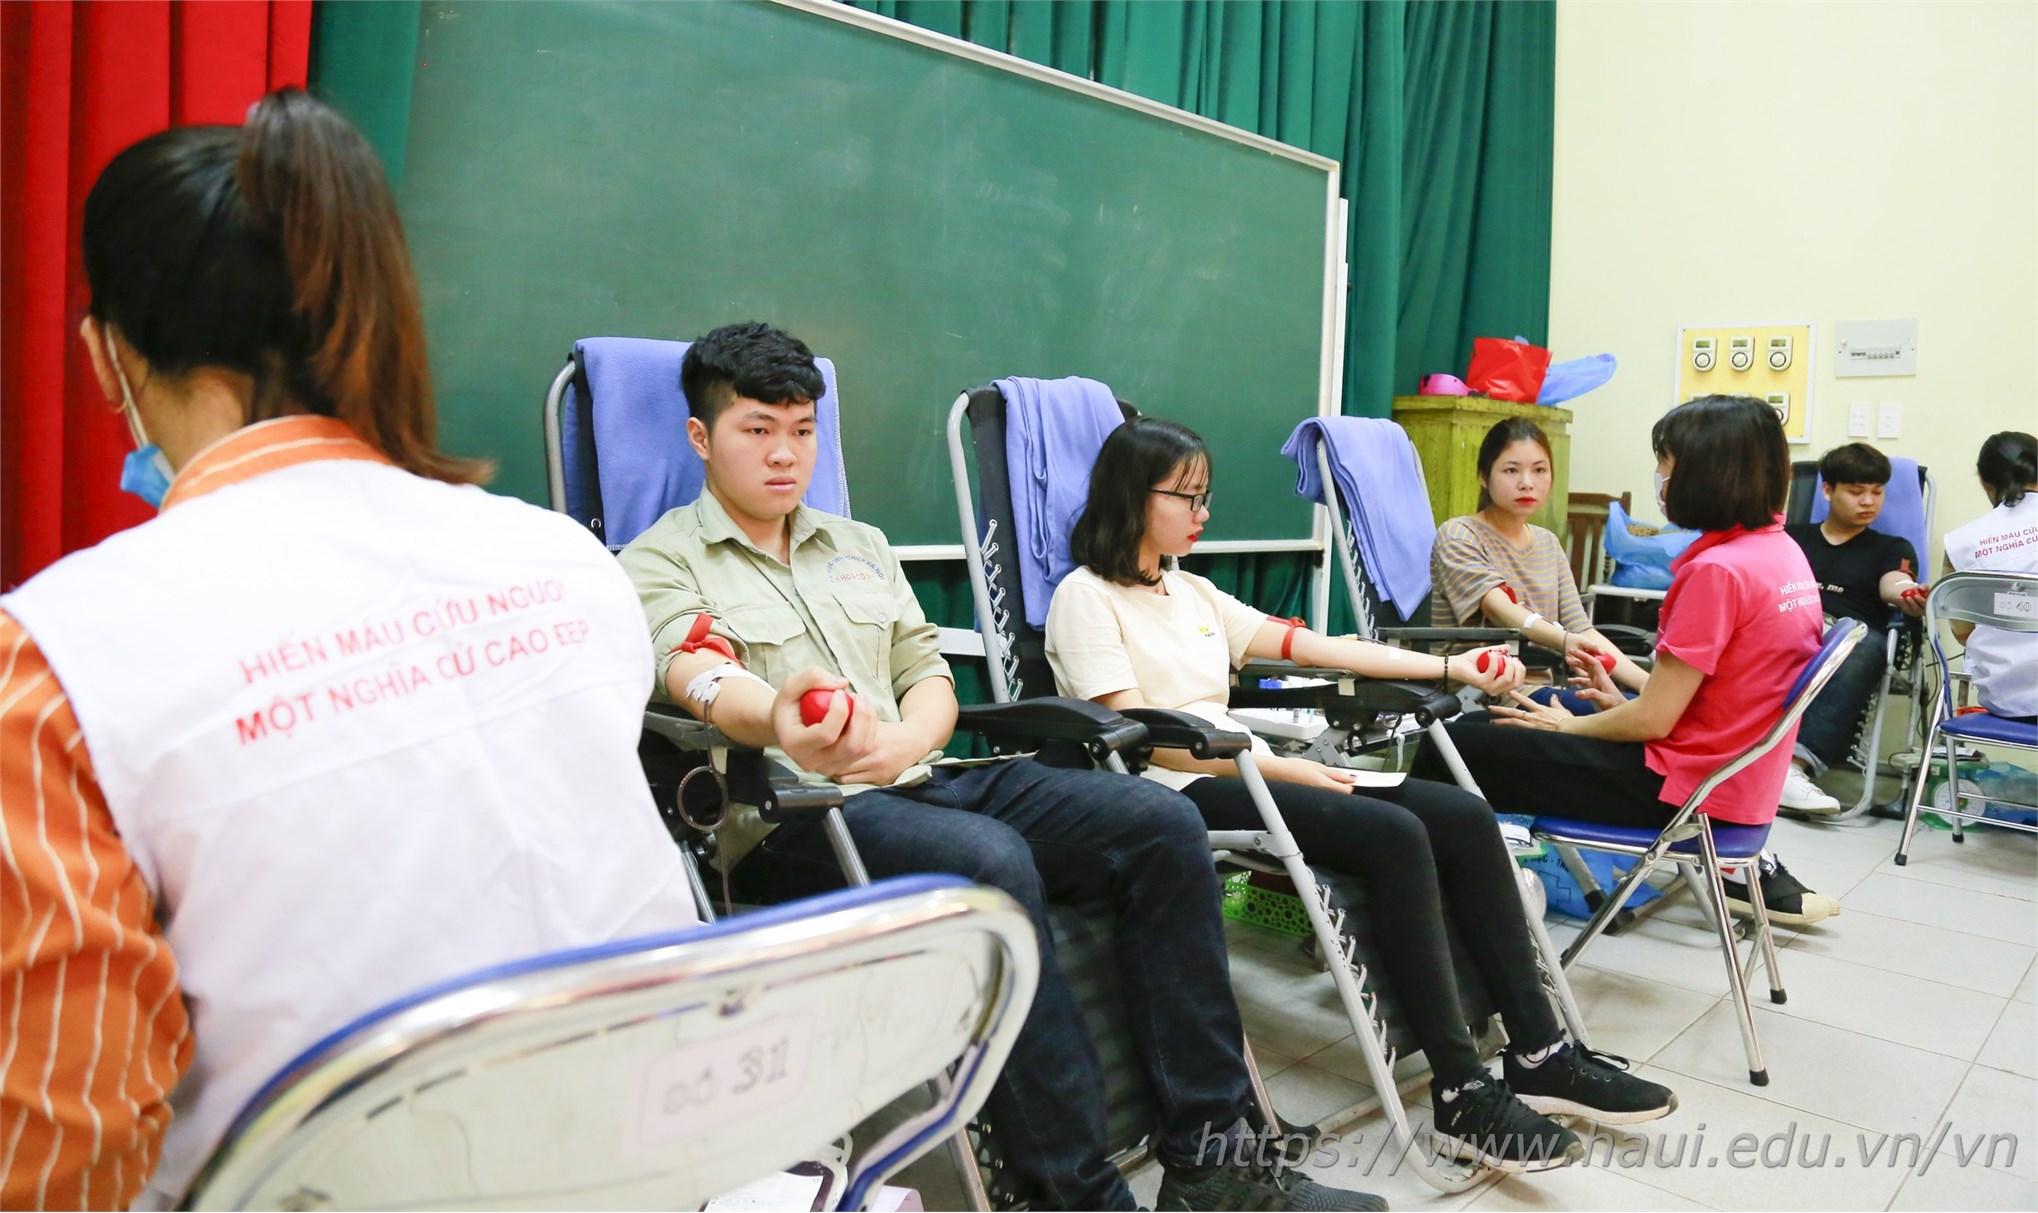 Cán bộ, giảng viên và sinh viênTrường Đại học Công nghiệp Hà Nội hiến tặng gần 2000 đơn vị máu tại Ngày hội Xuân hồng năm 2019